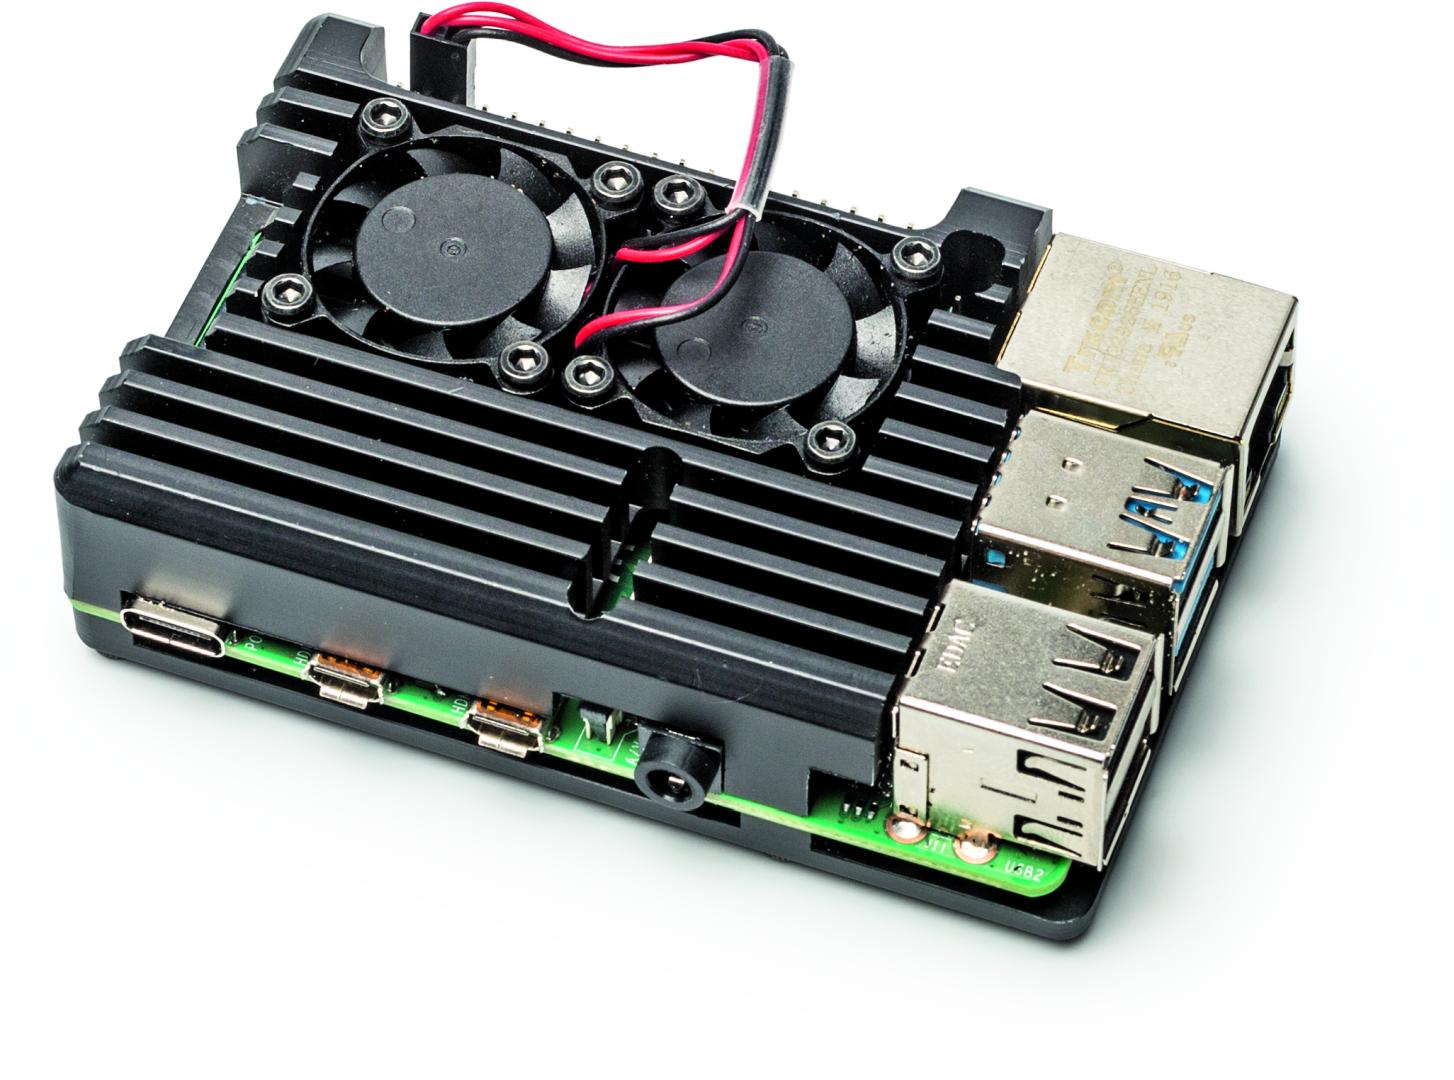 Pi 4 koeling koeler ventilatie fan test behuizing Armor Case